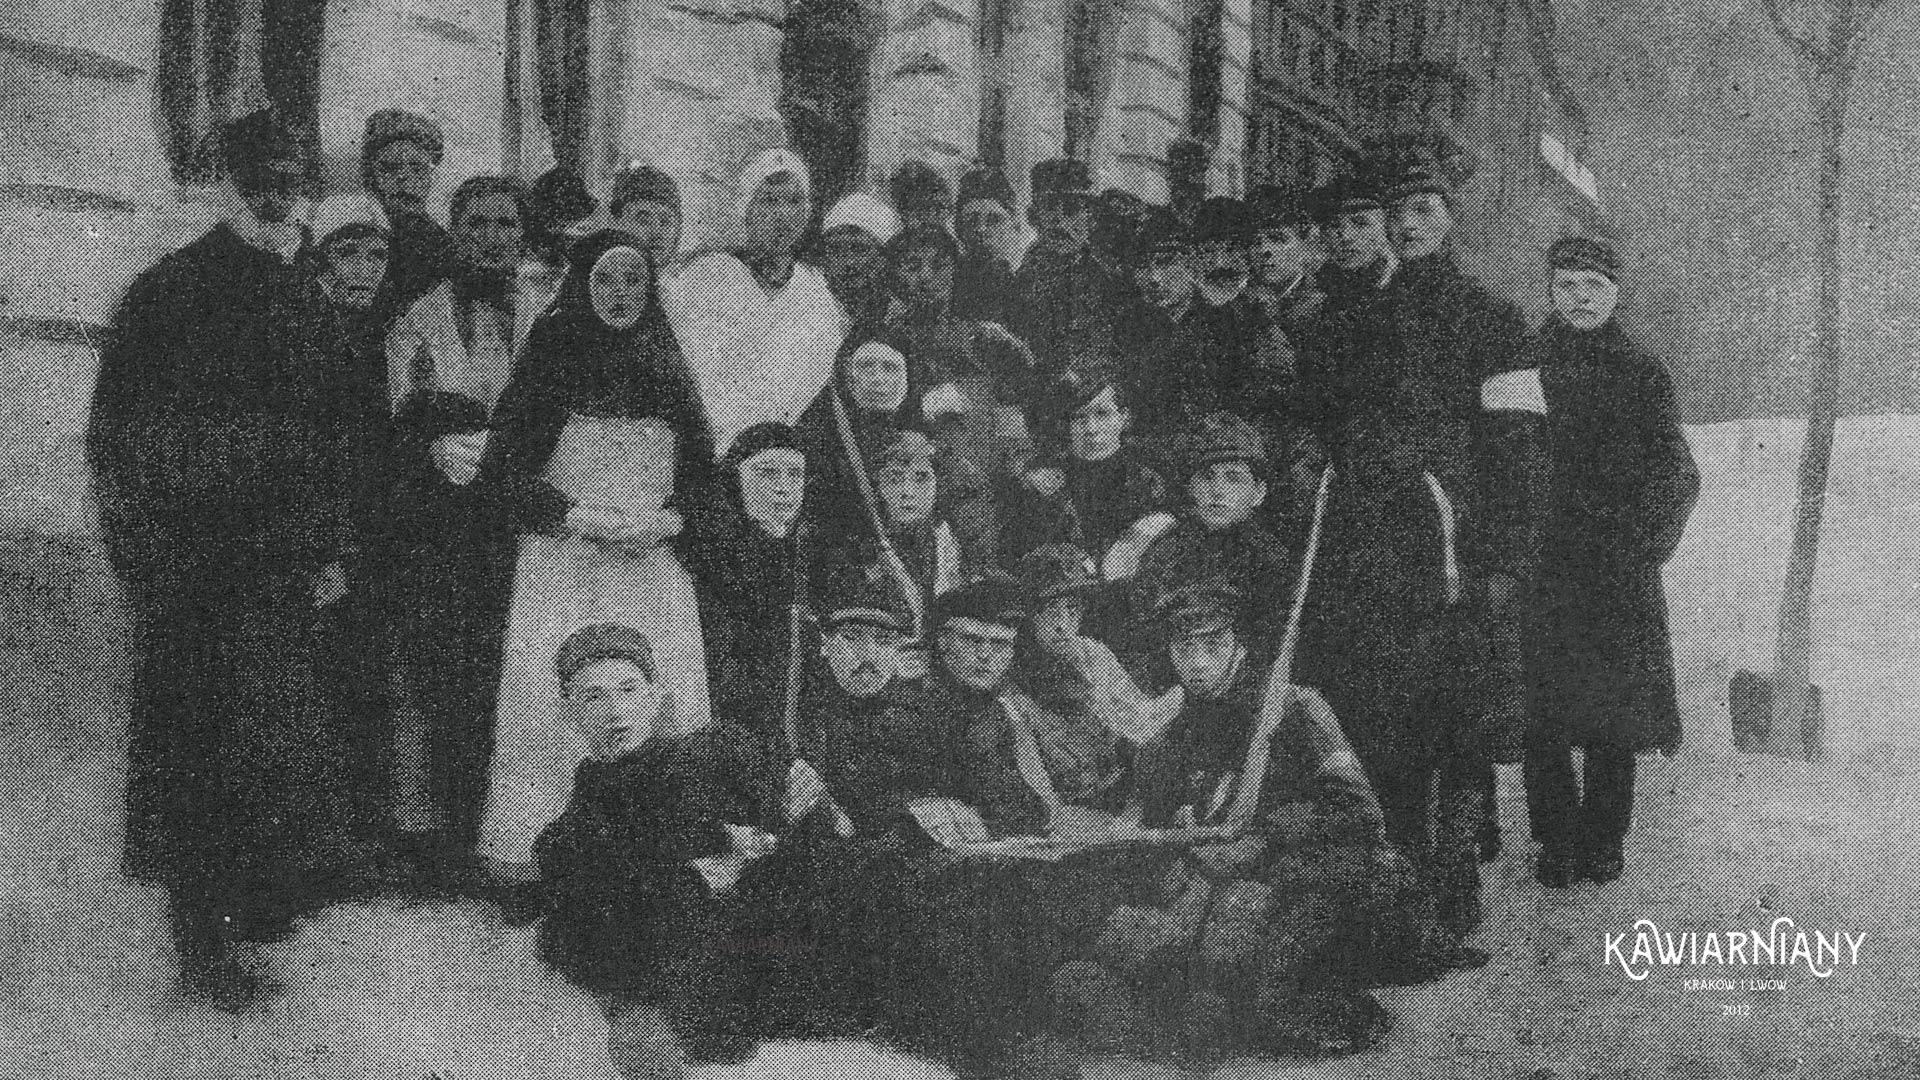 Obrońcy Lwowa, Grupa Bemiaków